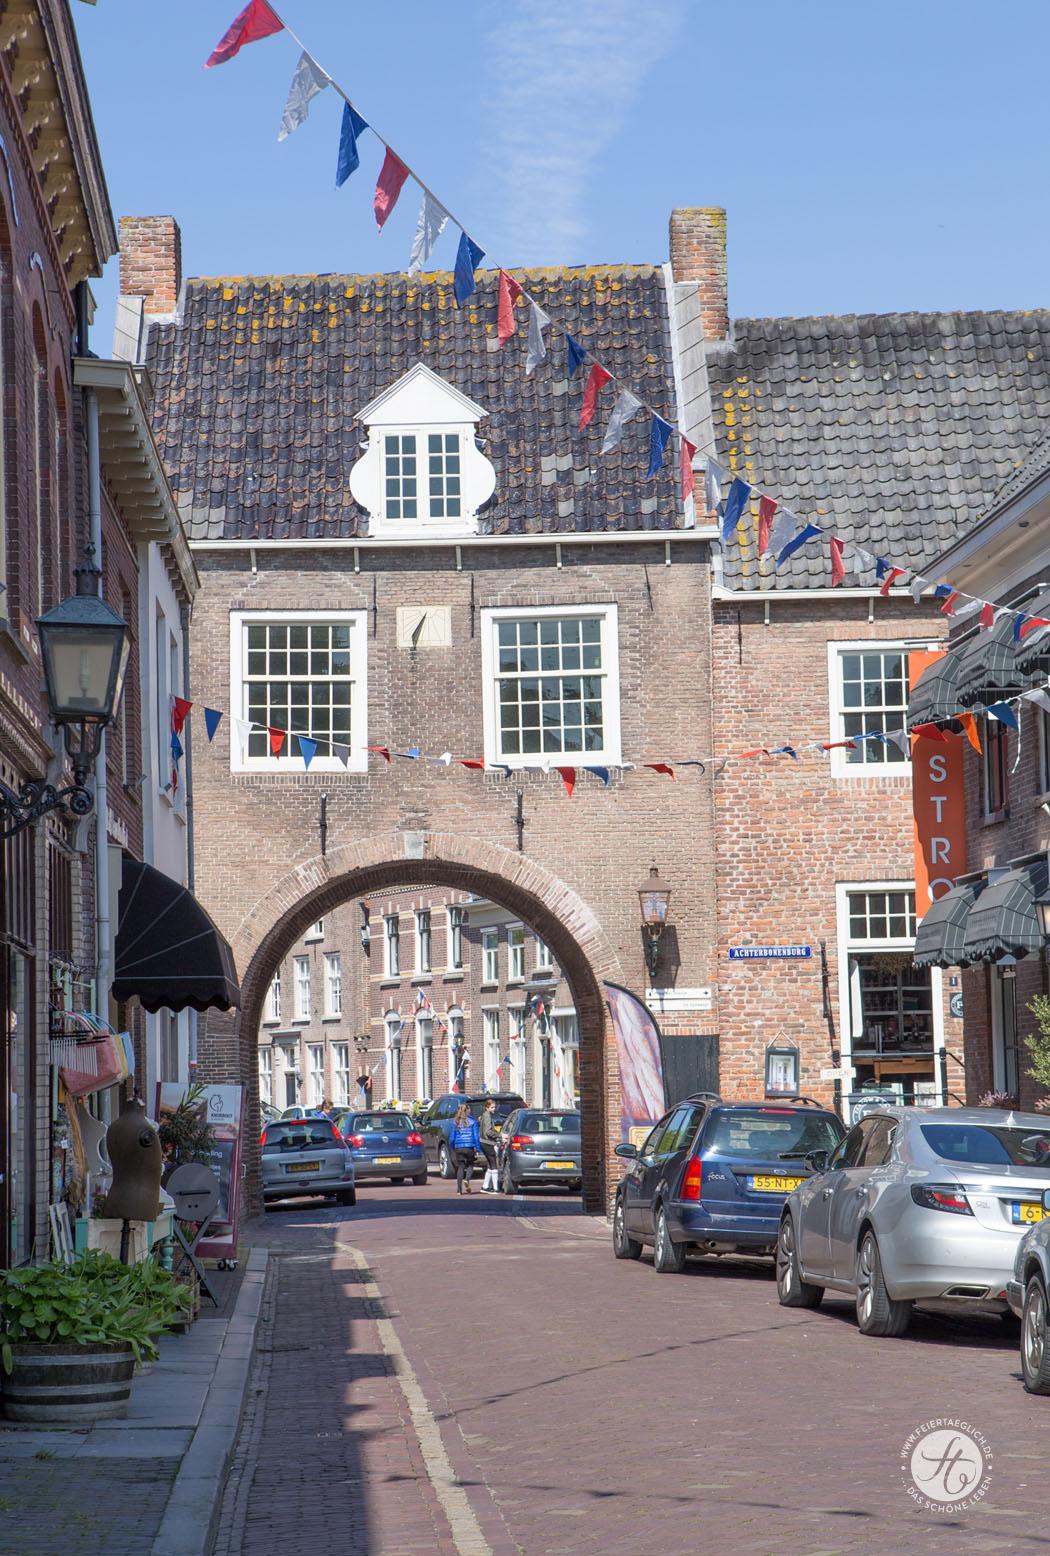 Buren, lekker radeln – Ein Wochenende in Holland mit dem Fahrrad unterwegs (+ Radrouten mit Karten und GPS-Daten)